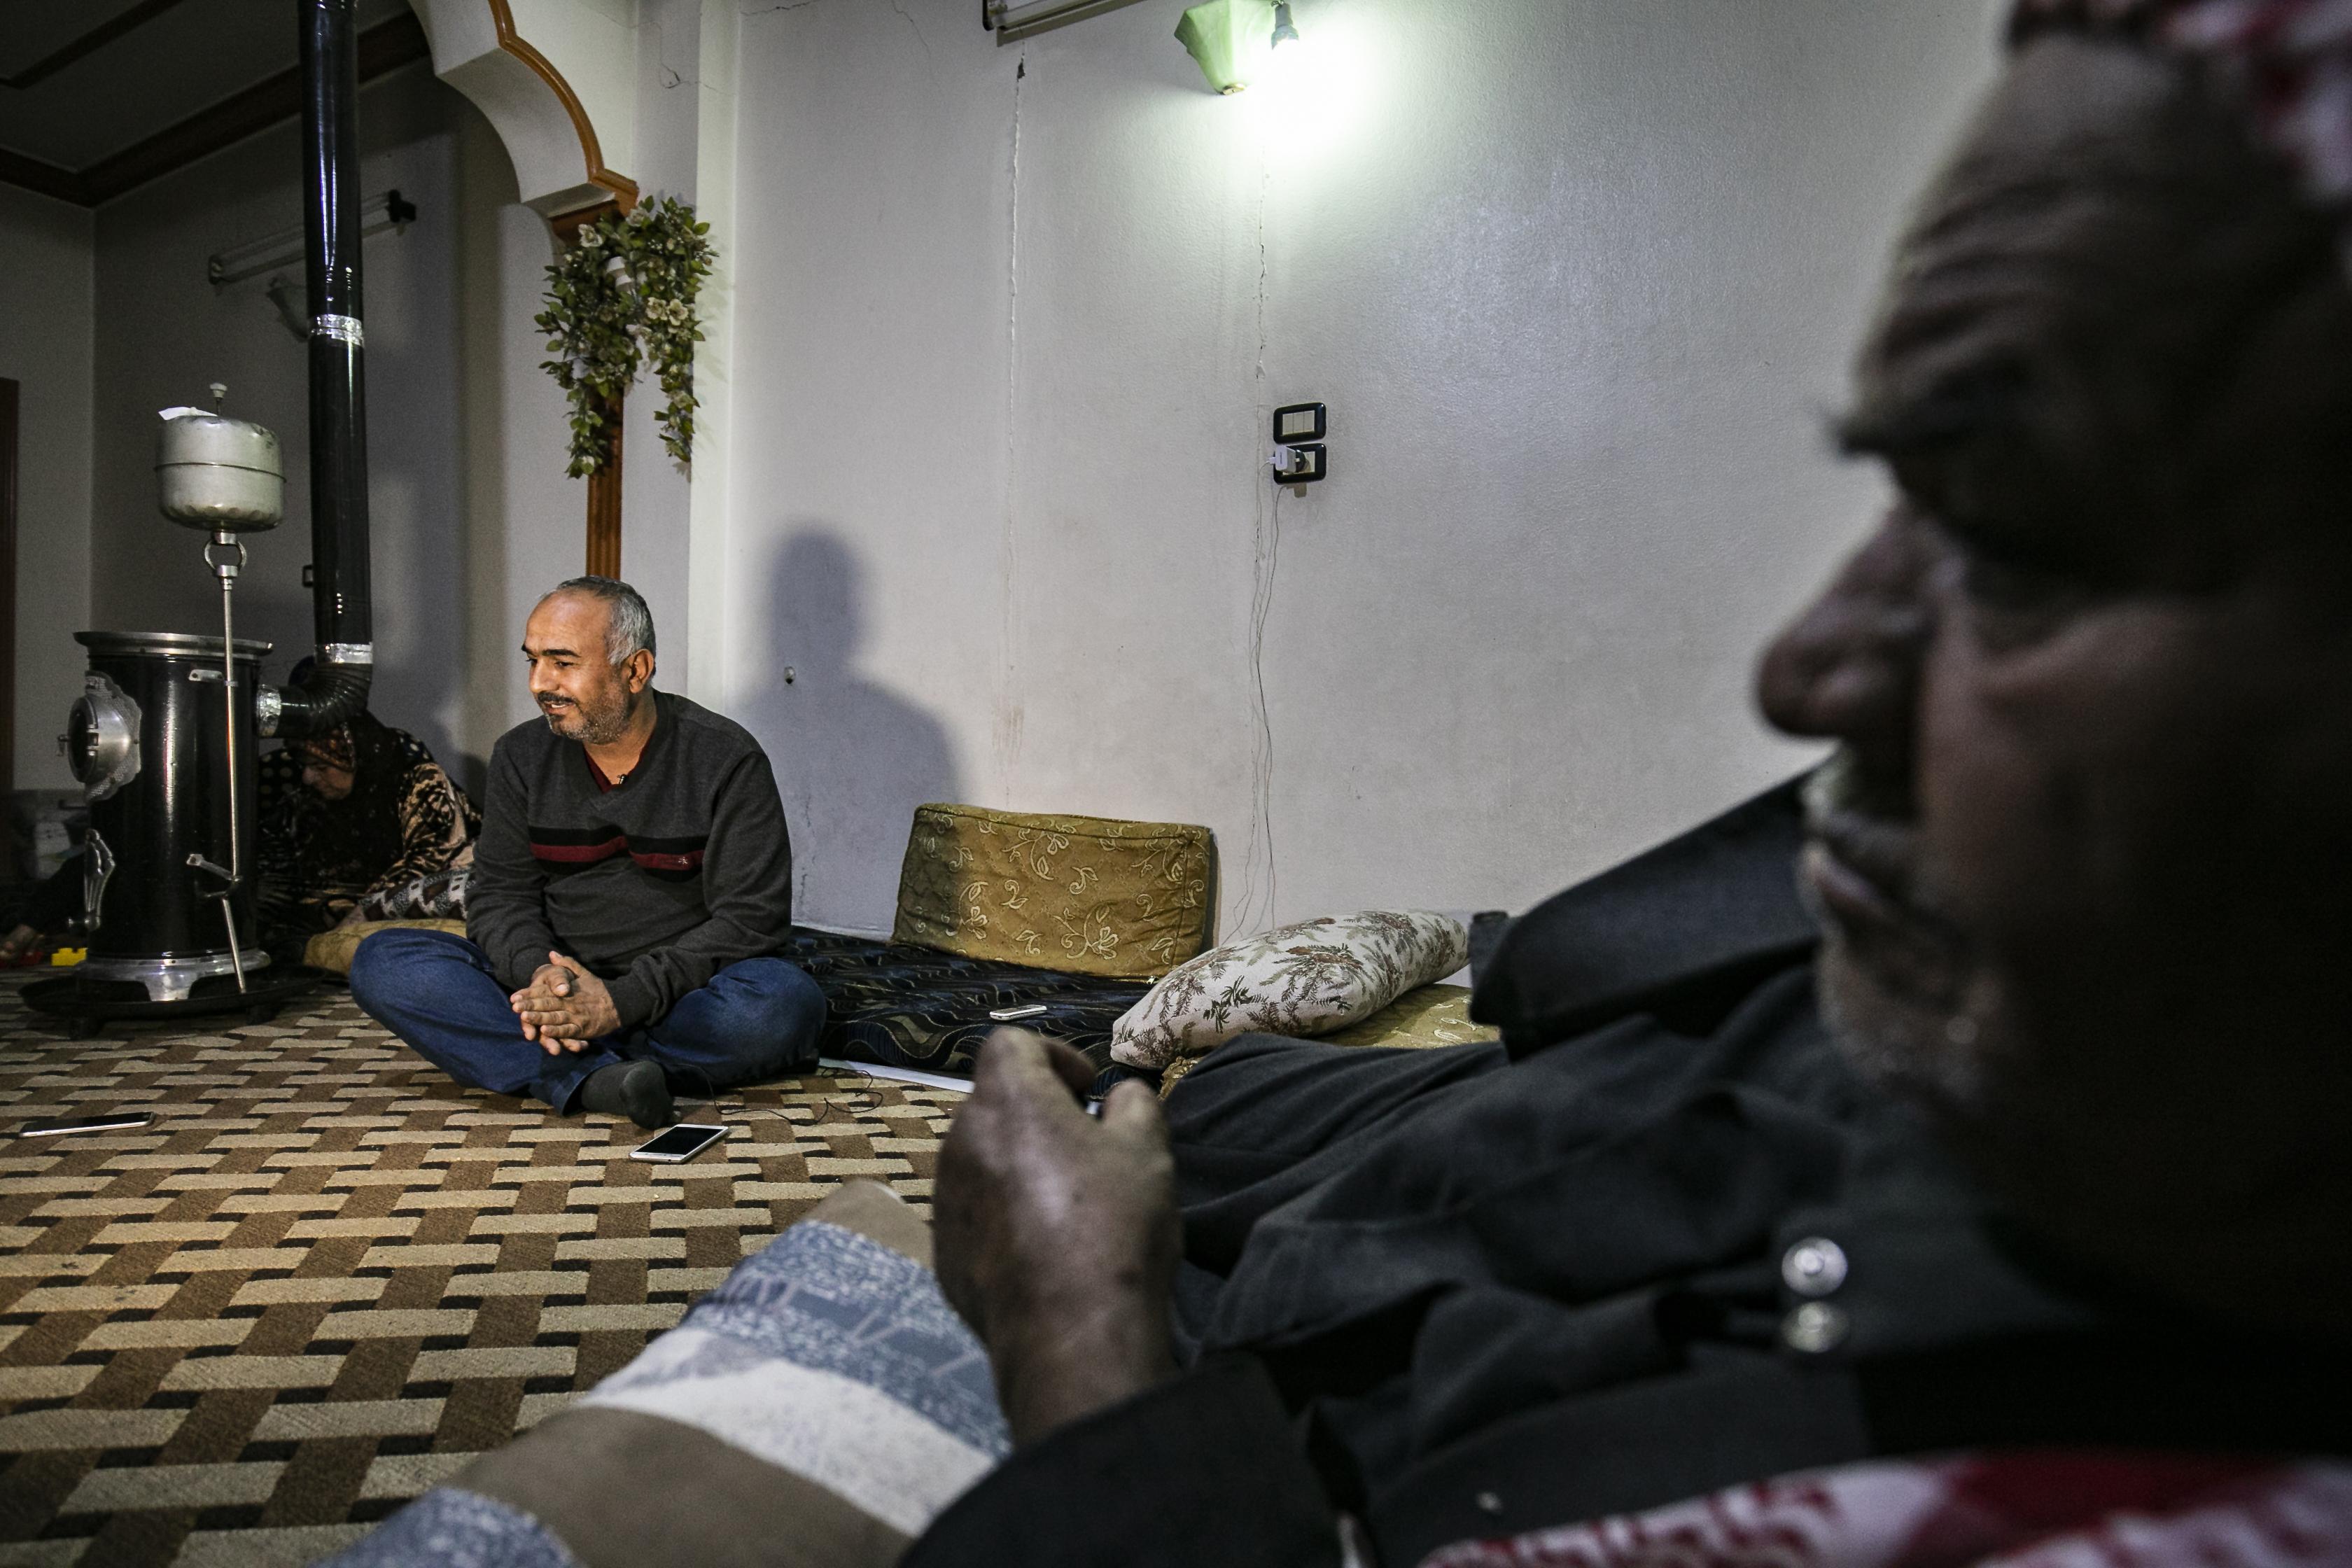 مصطفى الزعيم نازح كردي